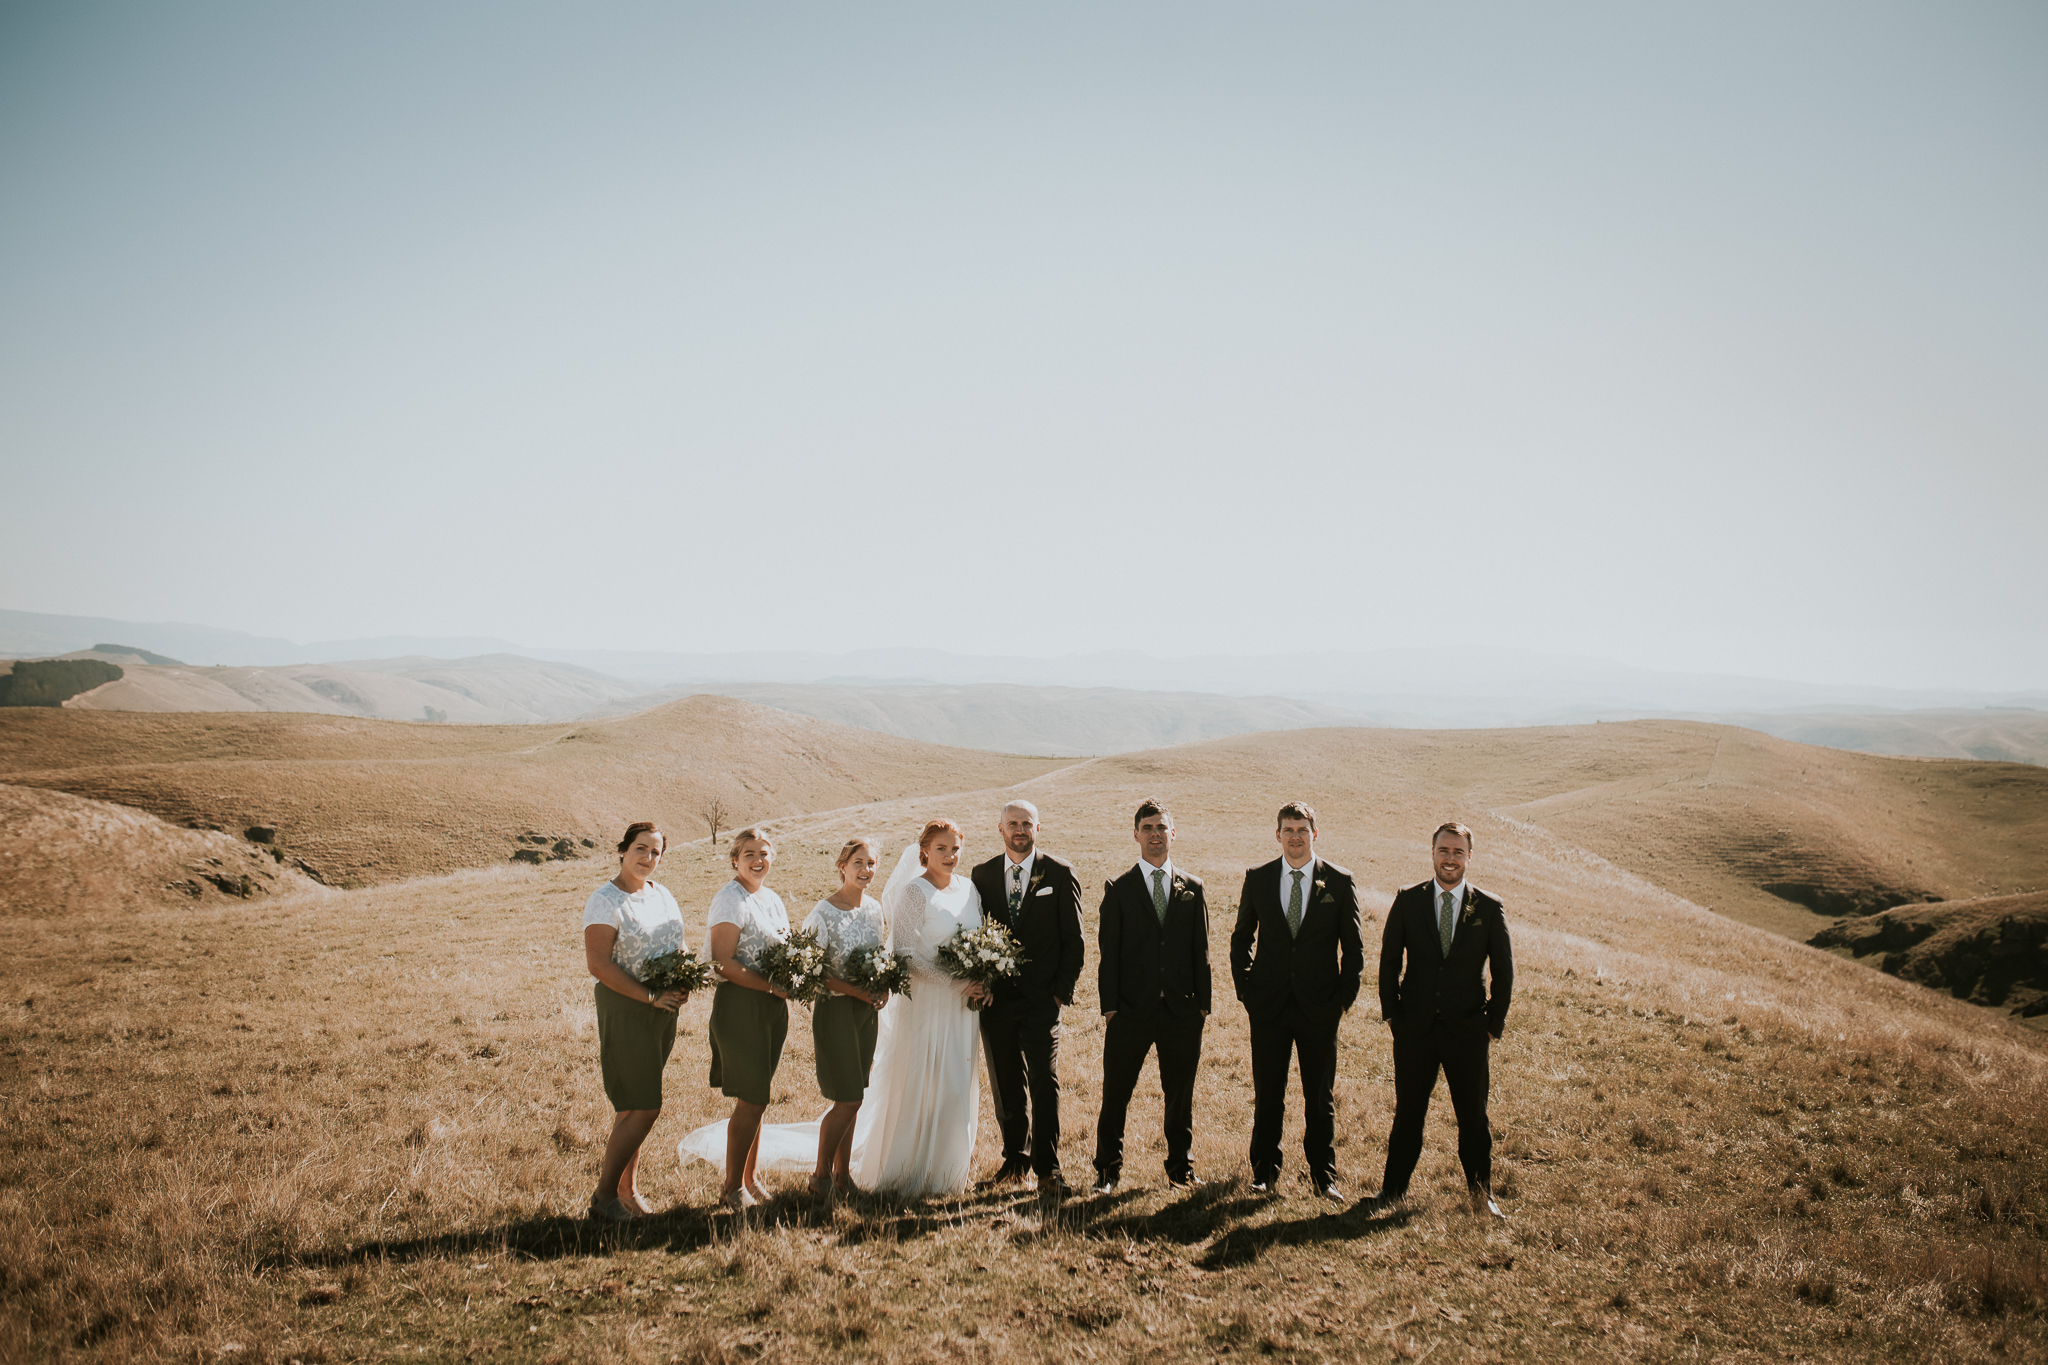 wedding photographer hawkes bay , Lisa Fisher Photography, Selini Winery Wedding -48.jpg